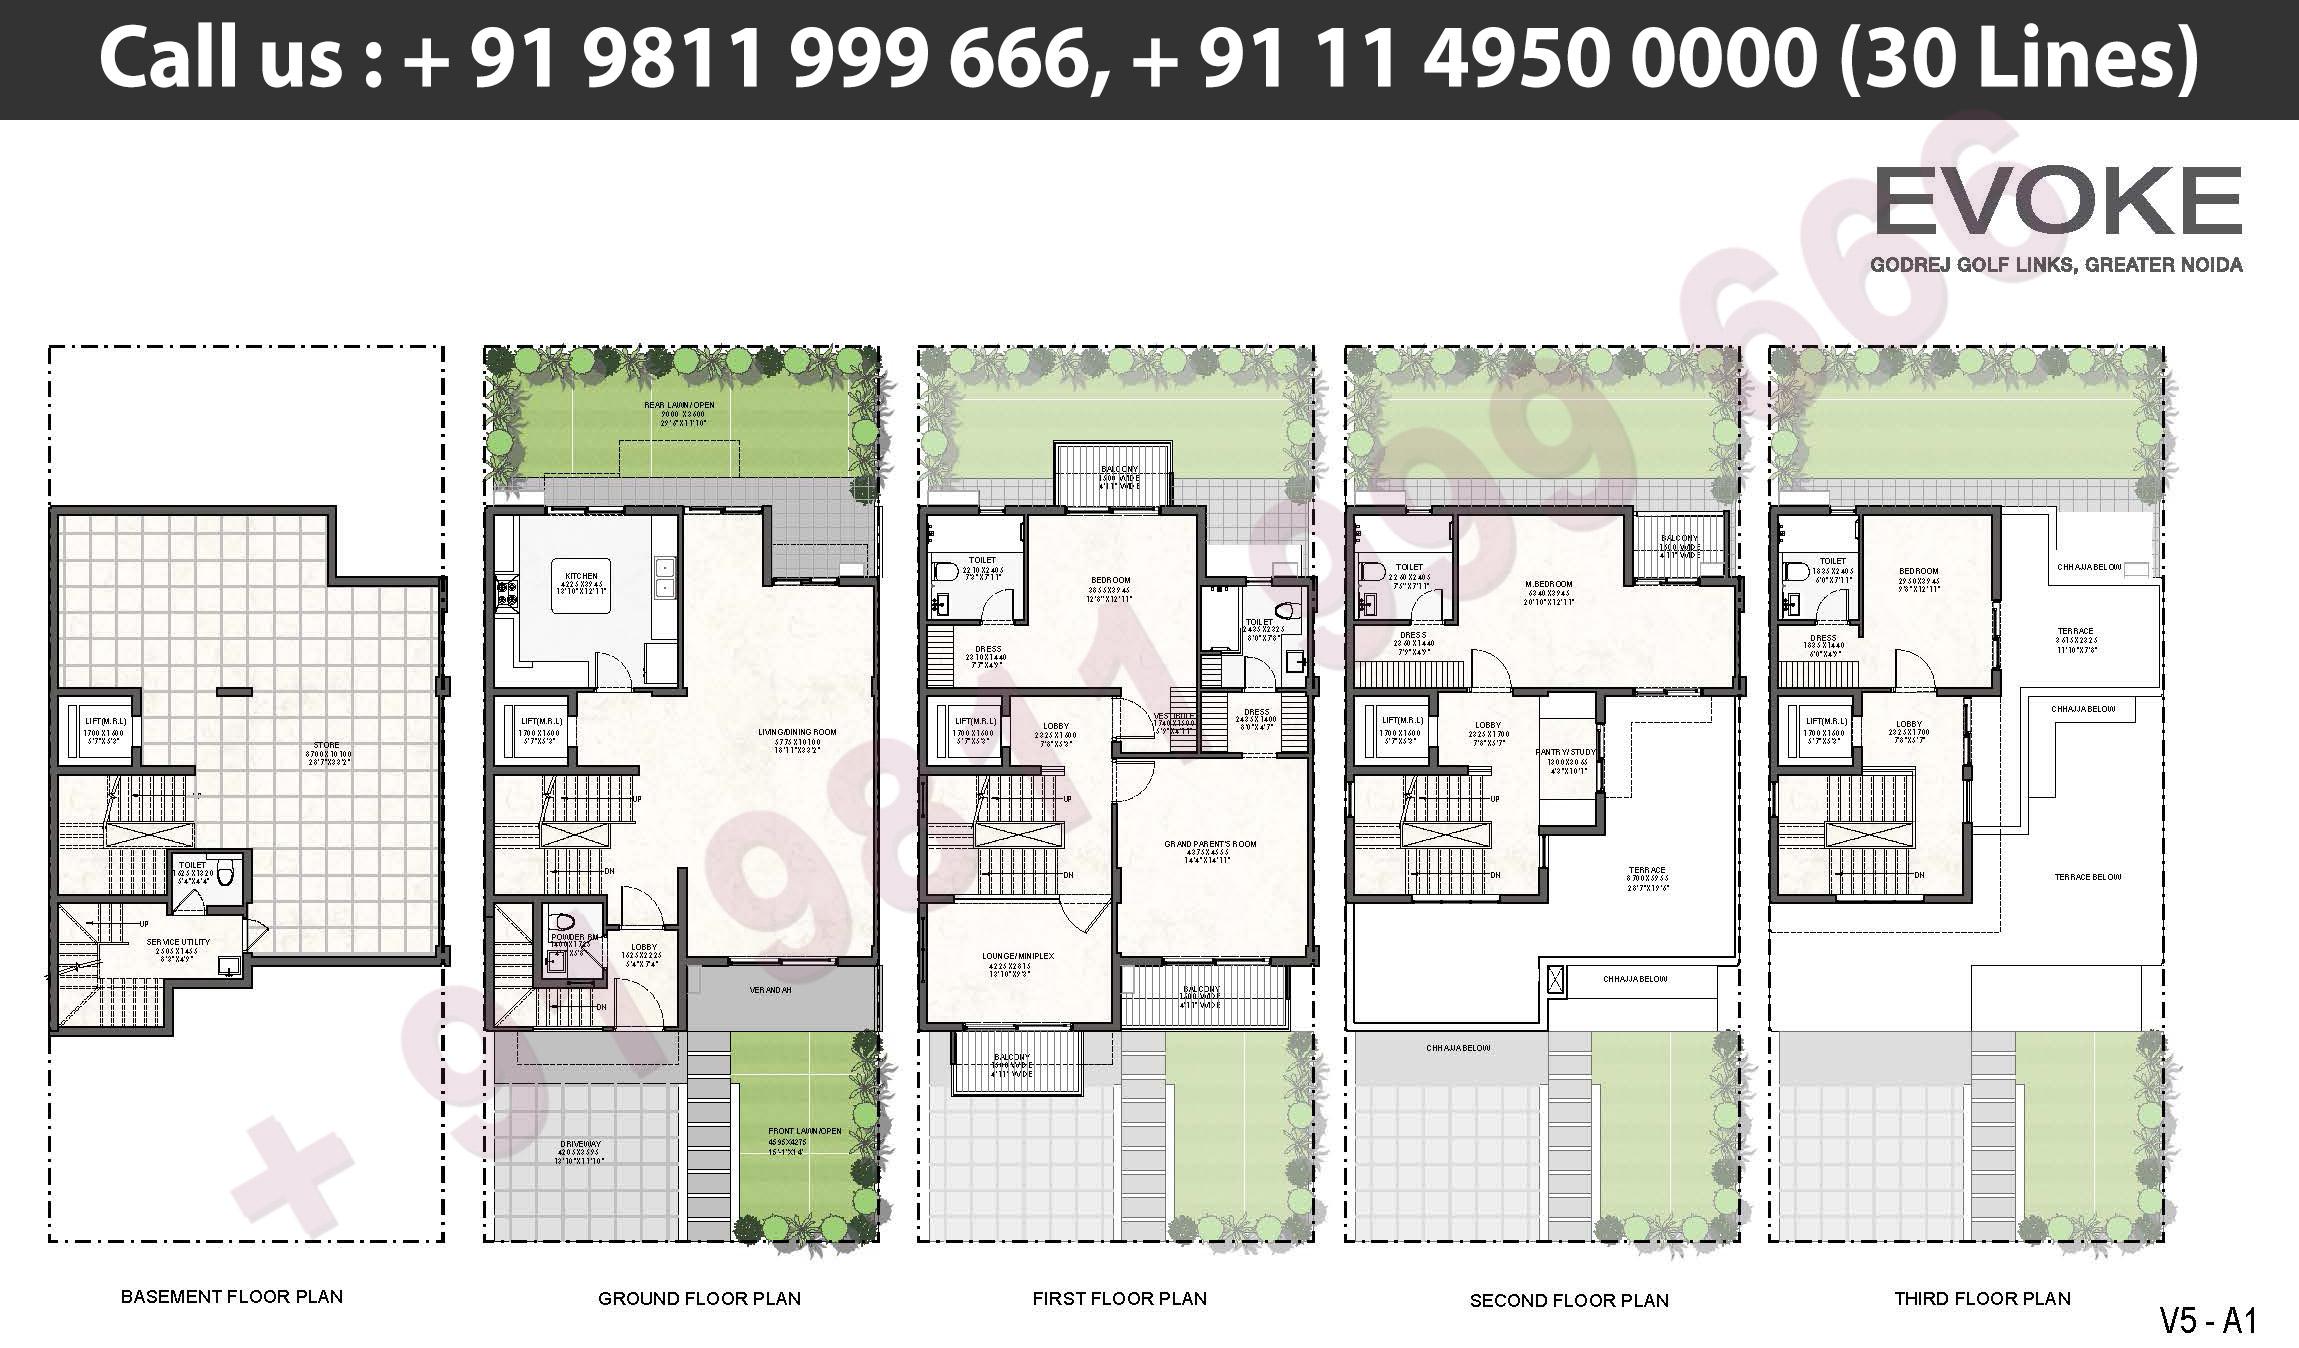 V5 - A1 Floor Plan